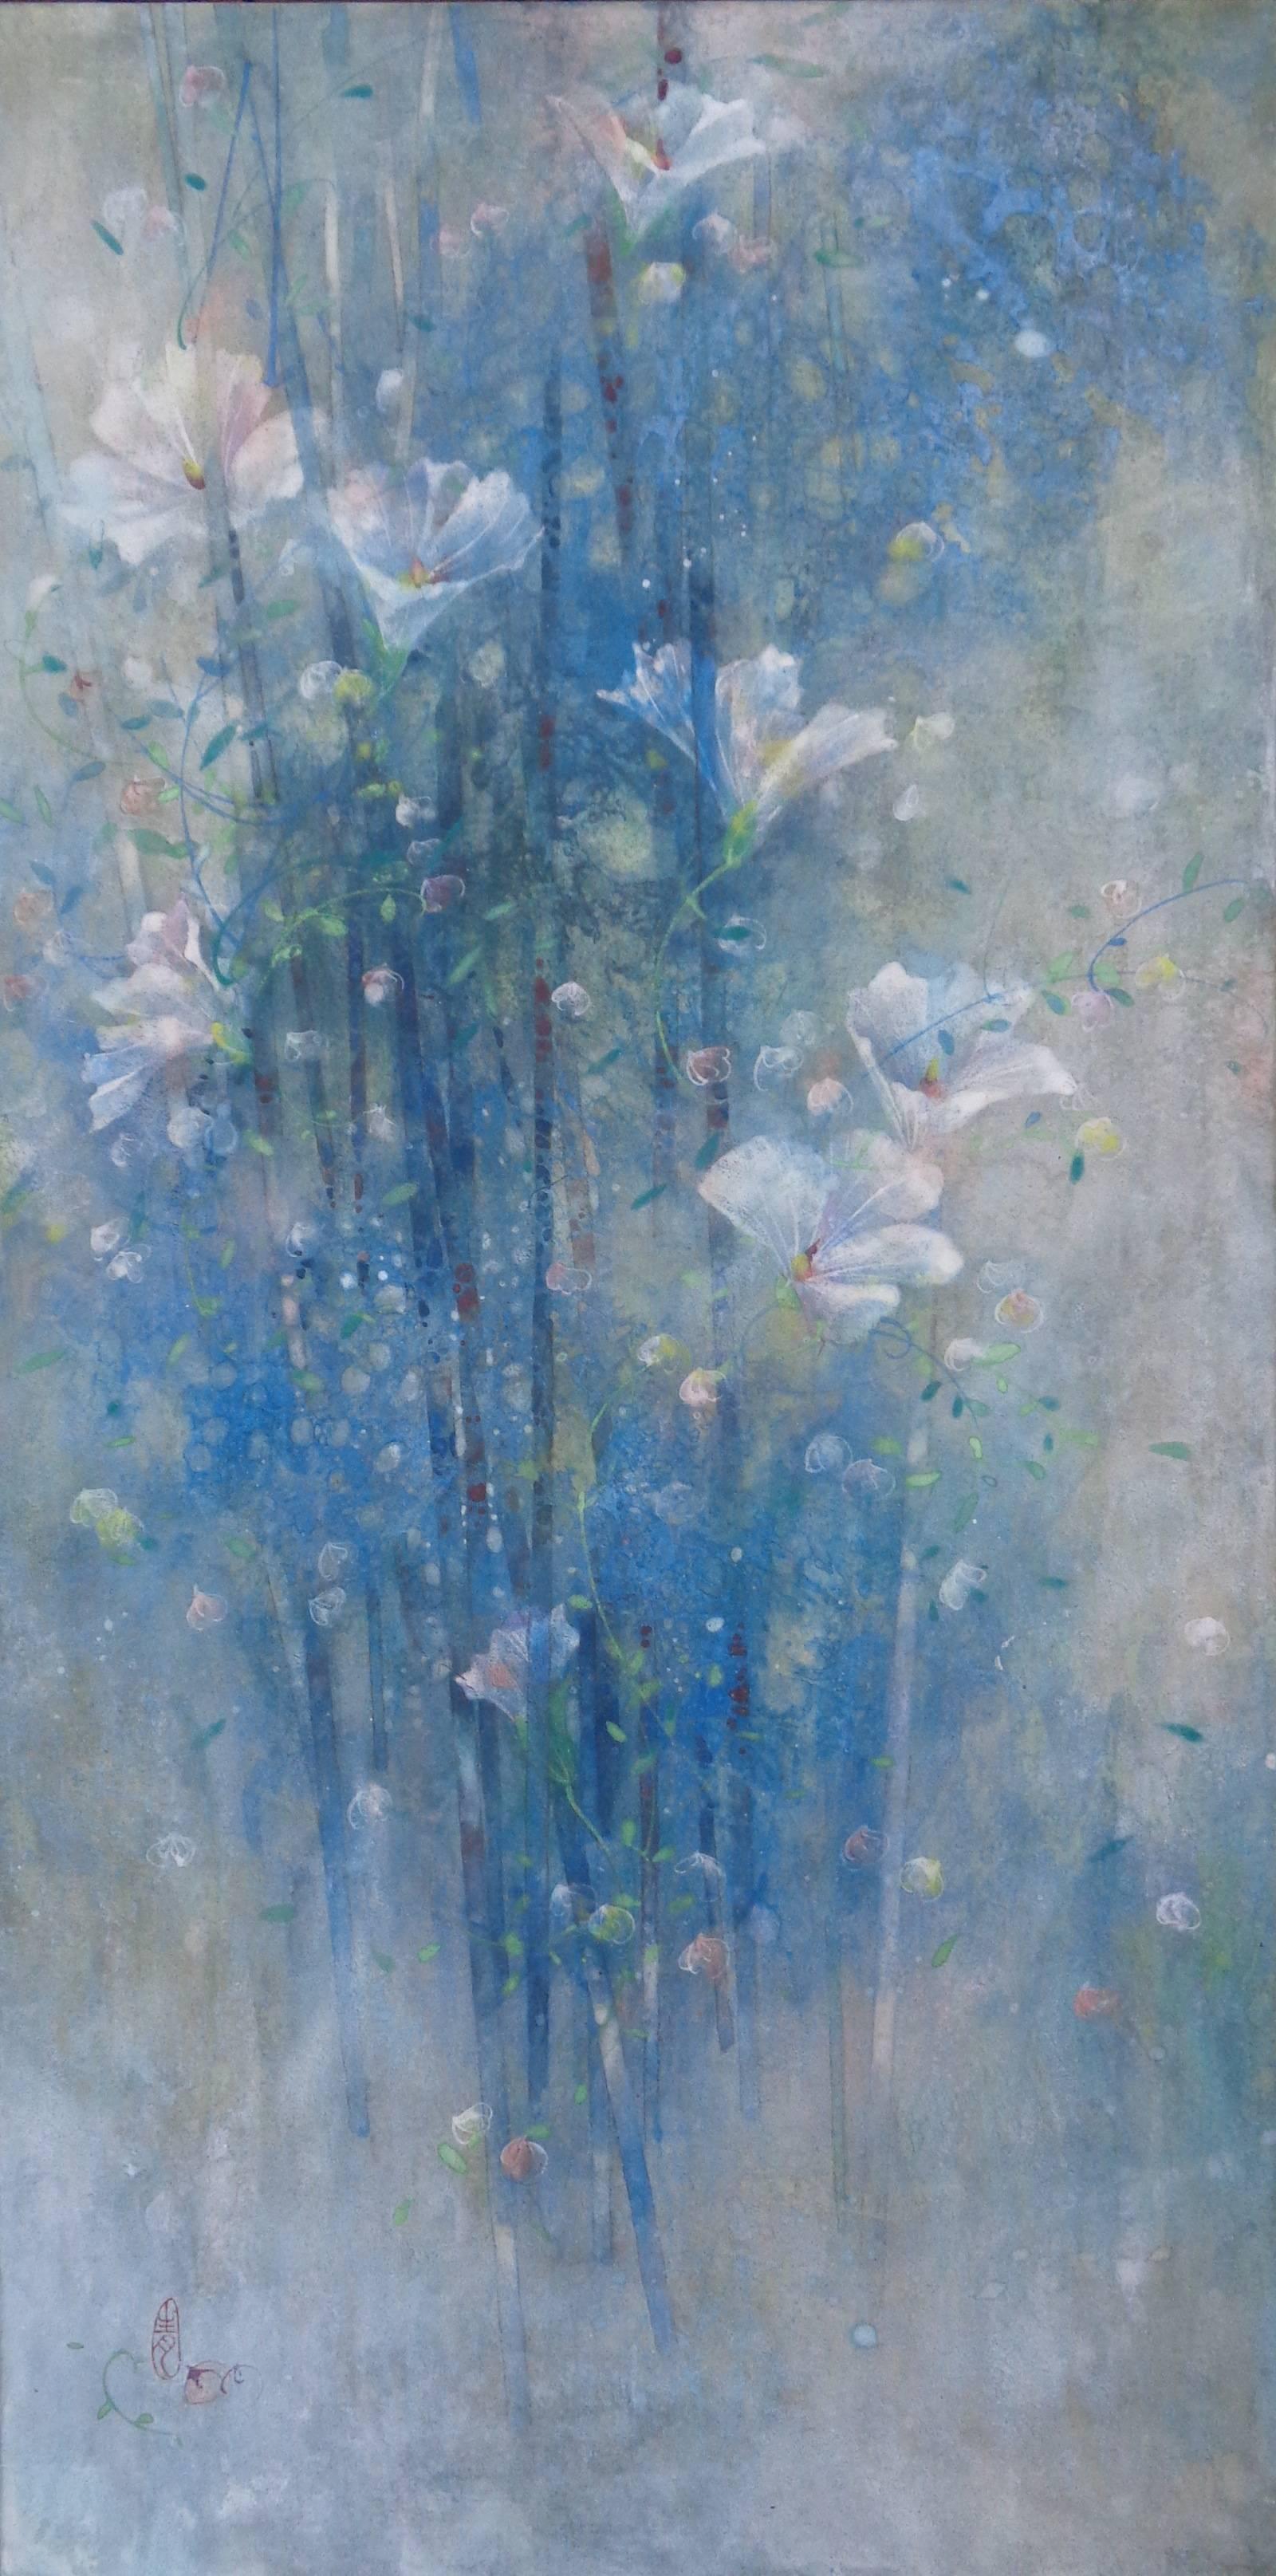 Joie (Joy), Contemporary Nihonga Painting